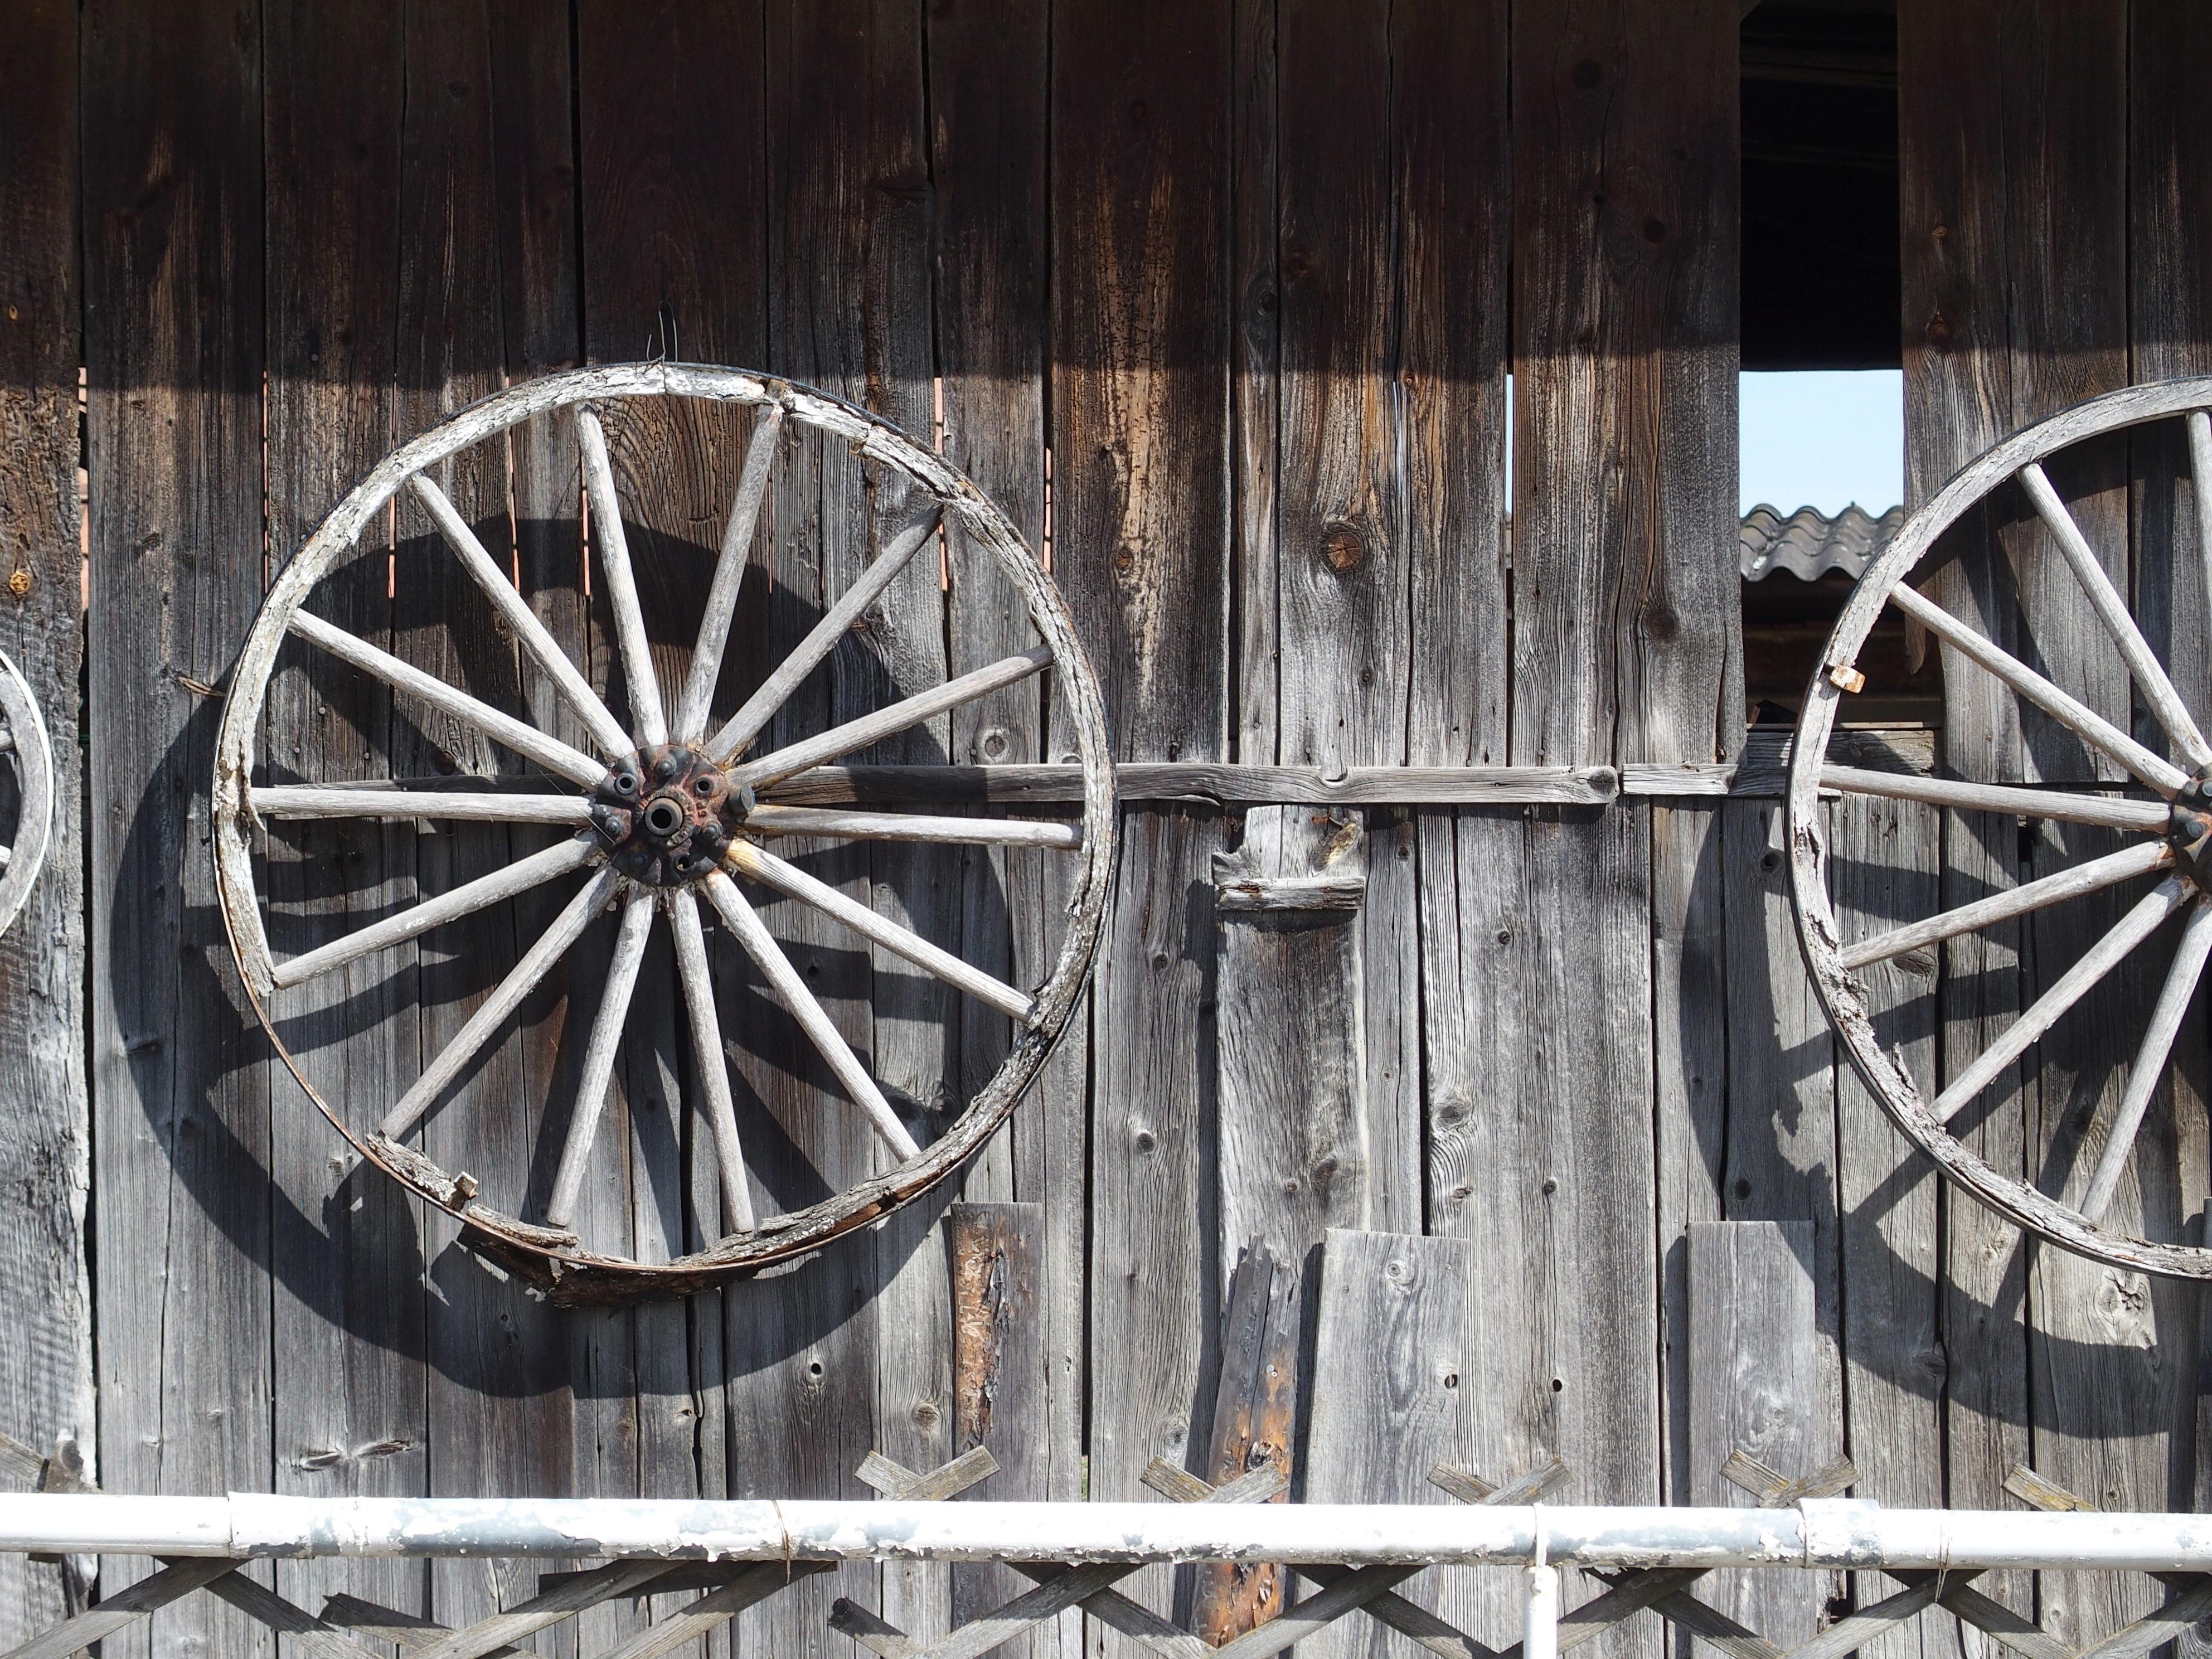 Kostenlose foto : Holz, Rad, alt, Scheune, Ferien, Hütte, Fahrzeug ...